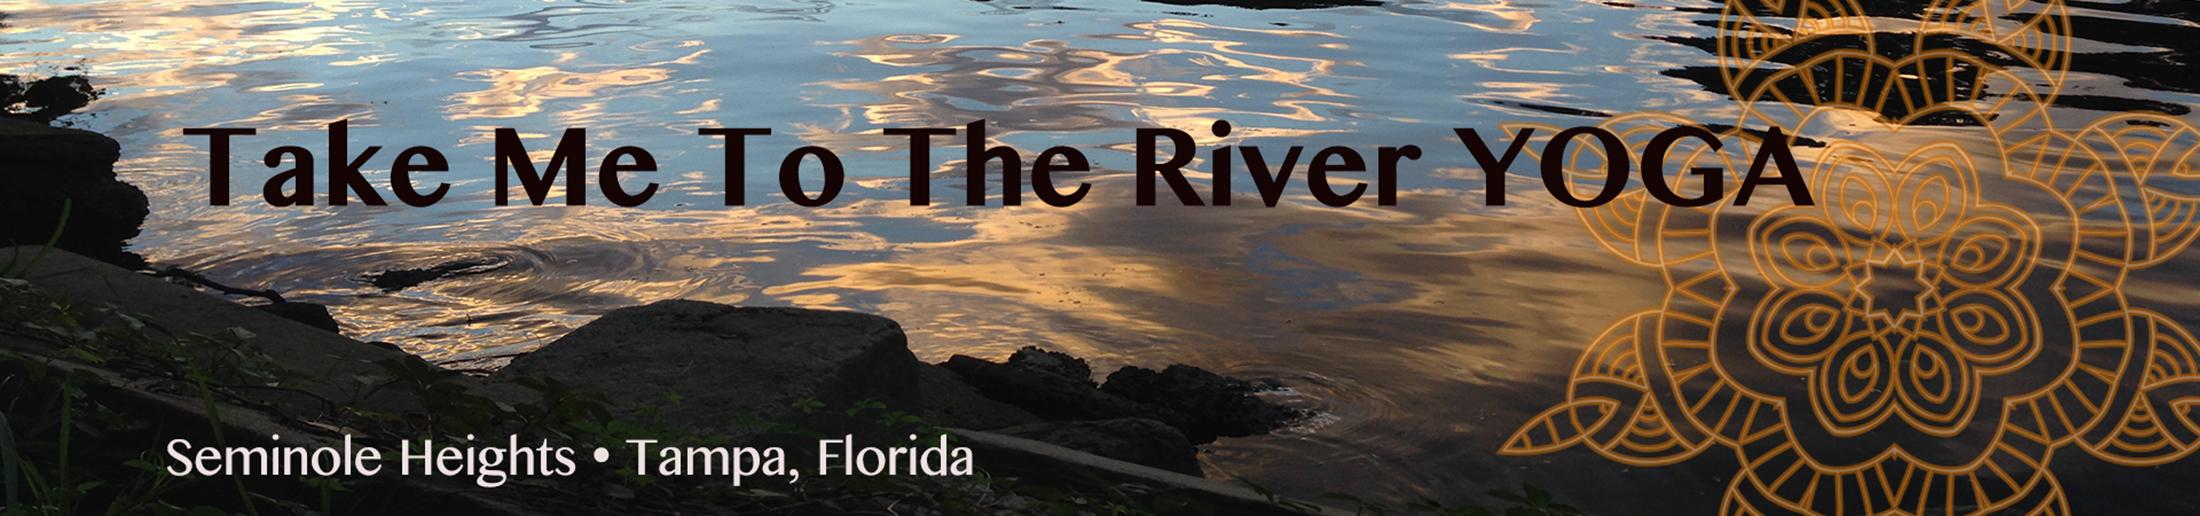 Take Me To The River Yoga